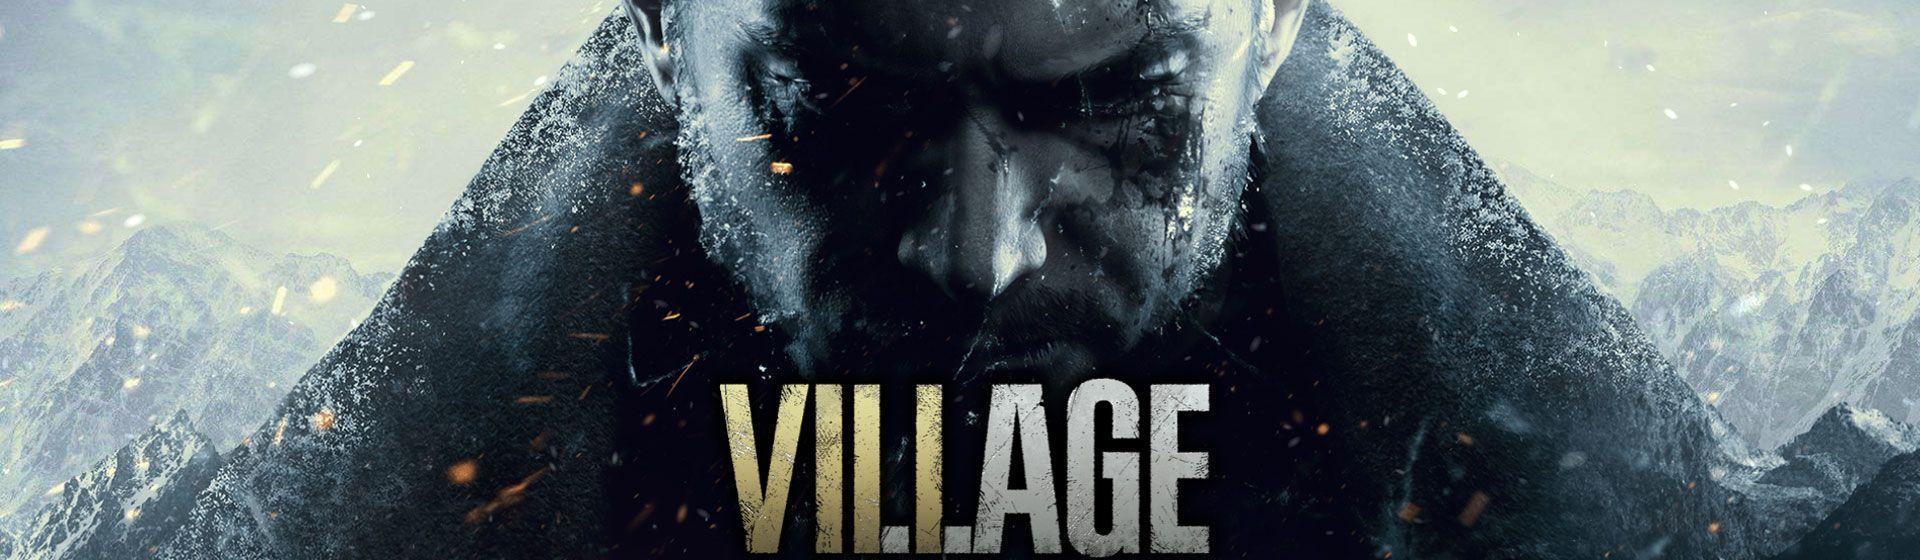 Resident Evil Village: Capcom anuncia trailer e mais em 21 de janeiro